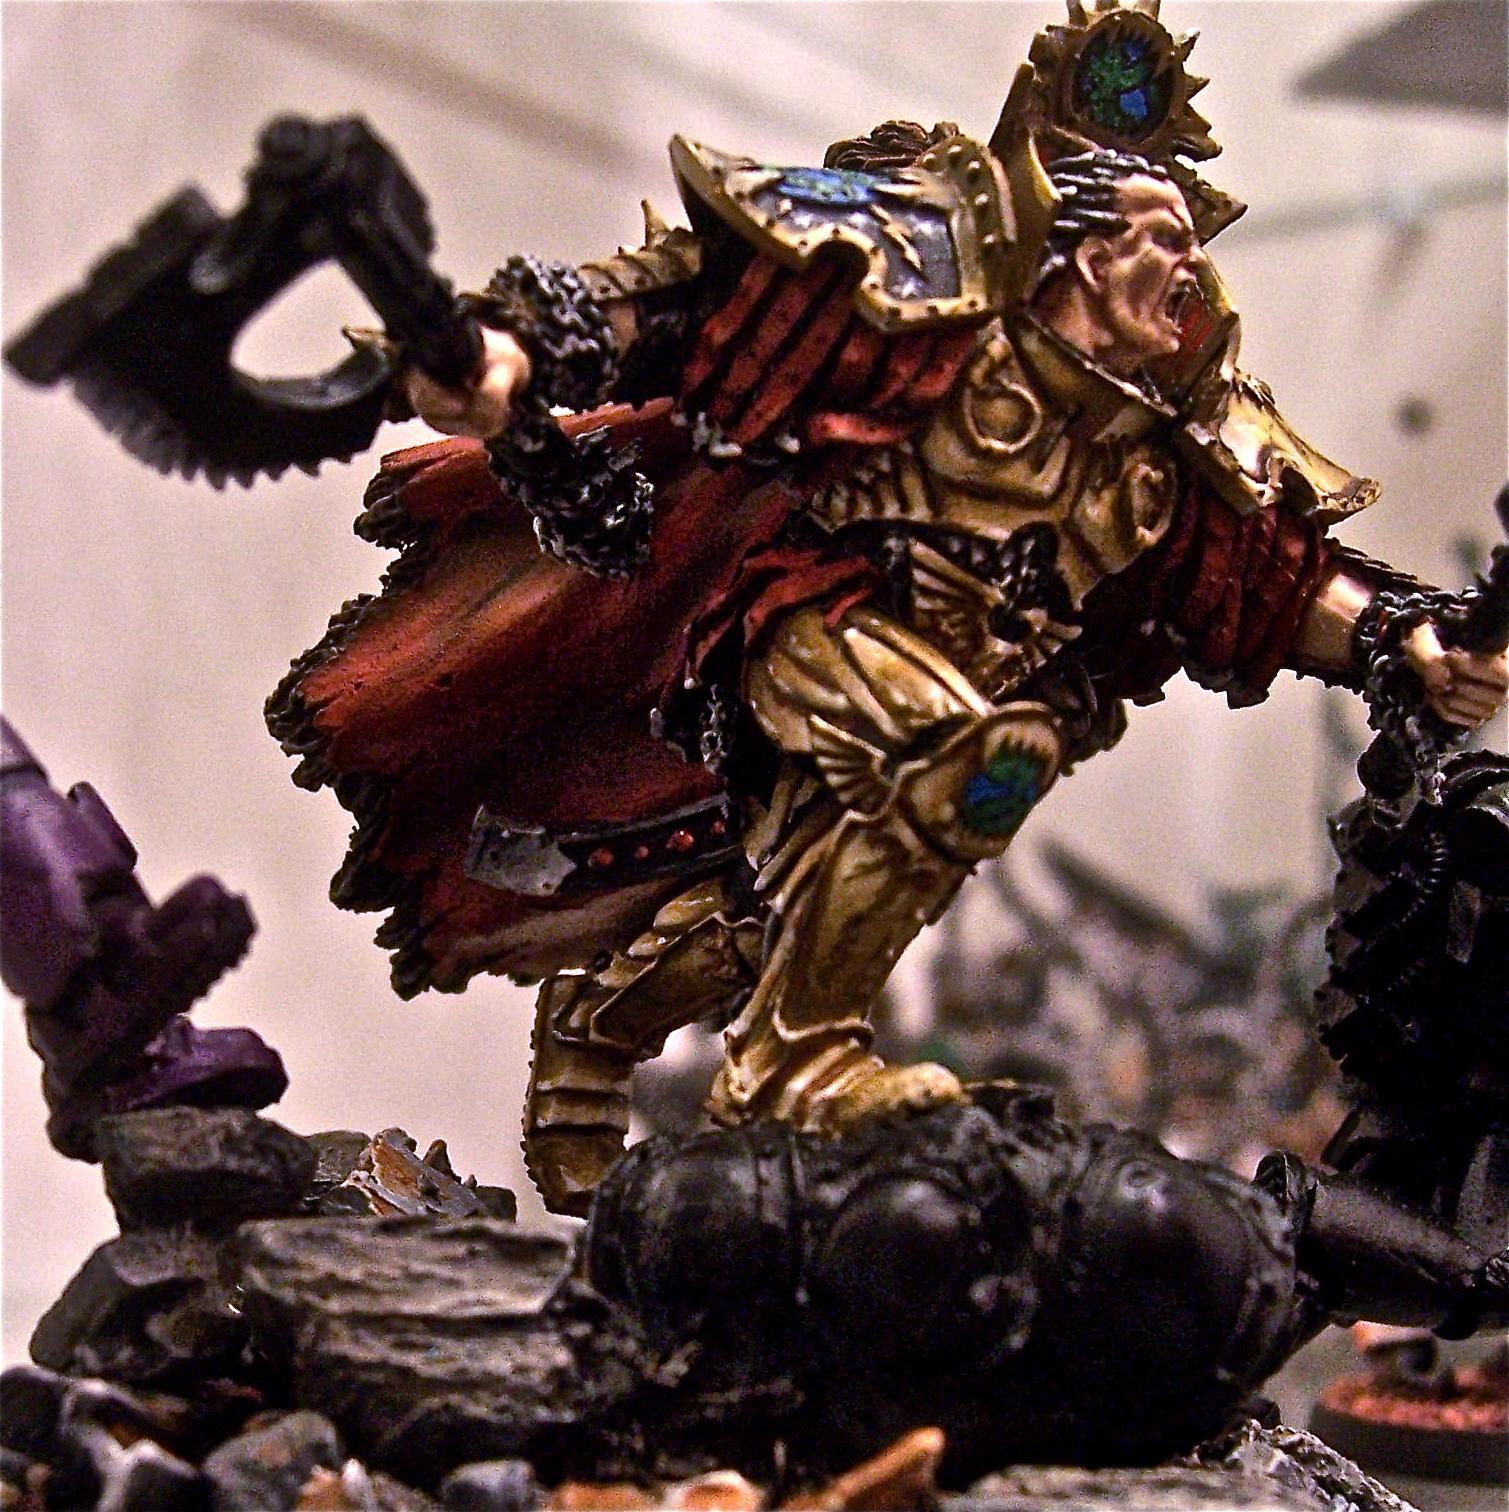 Forge World, Primarchs, Warhammer 40,000